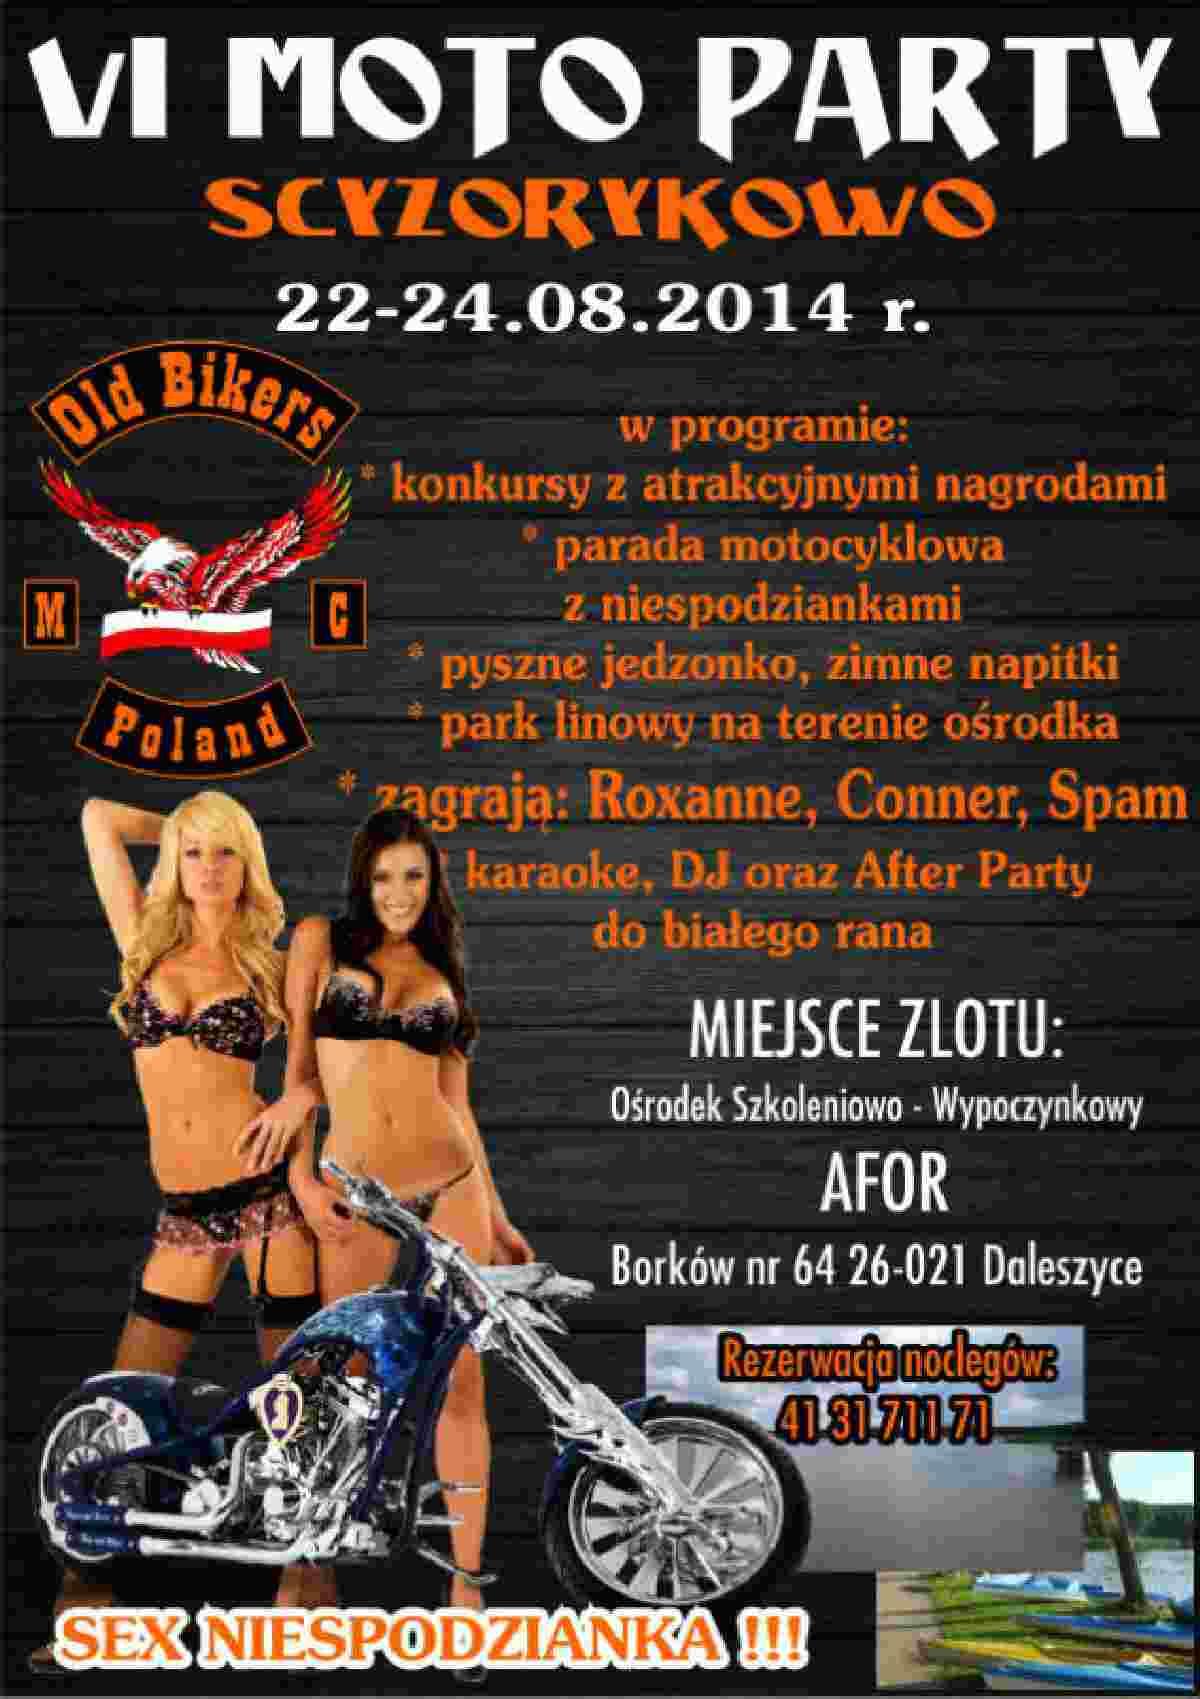 VI Moto Party Scyzorykowo 22-24.08.2014 – Borków